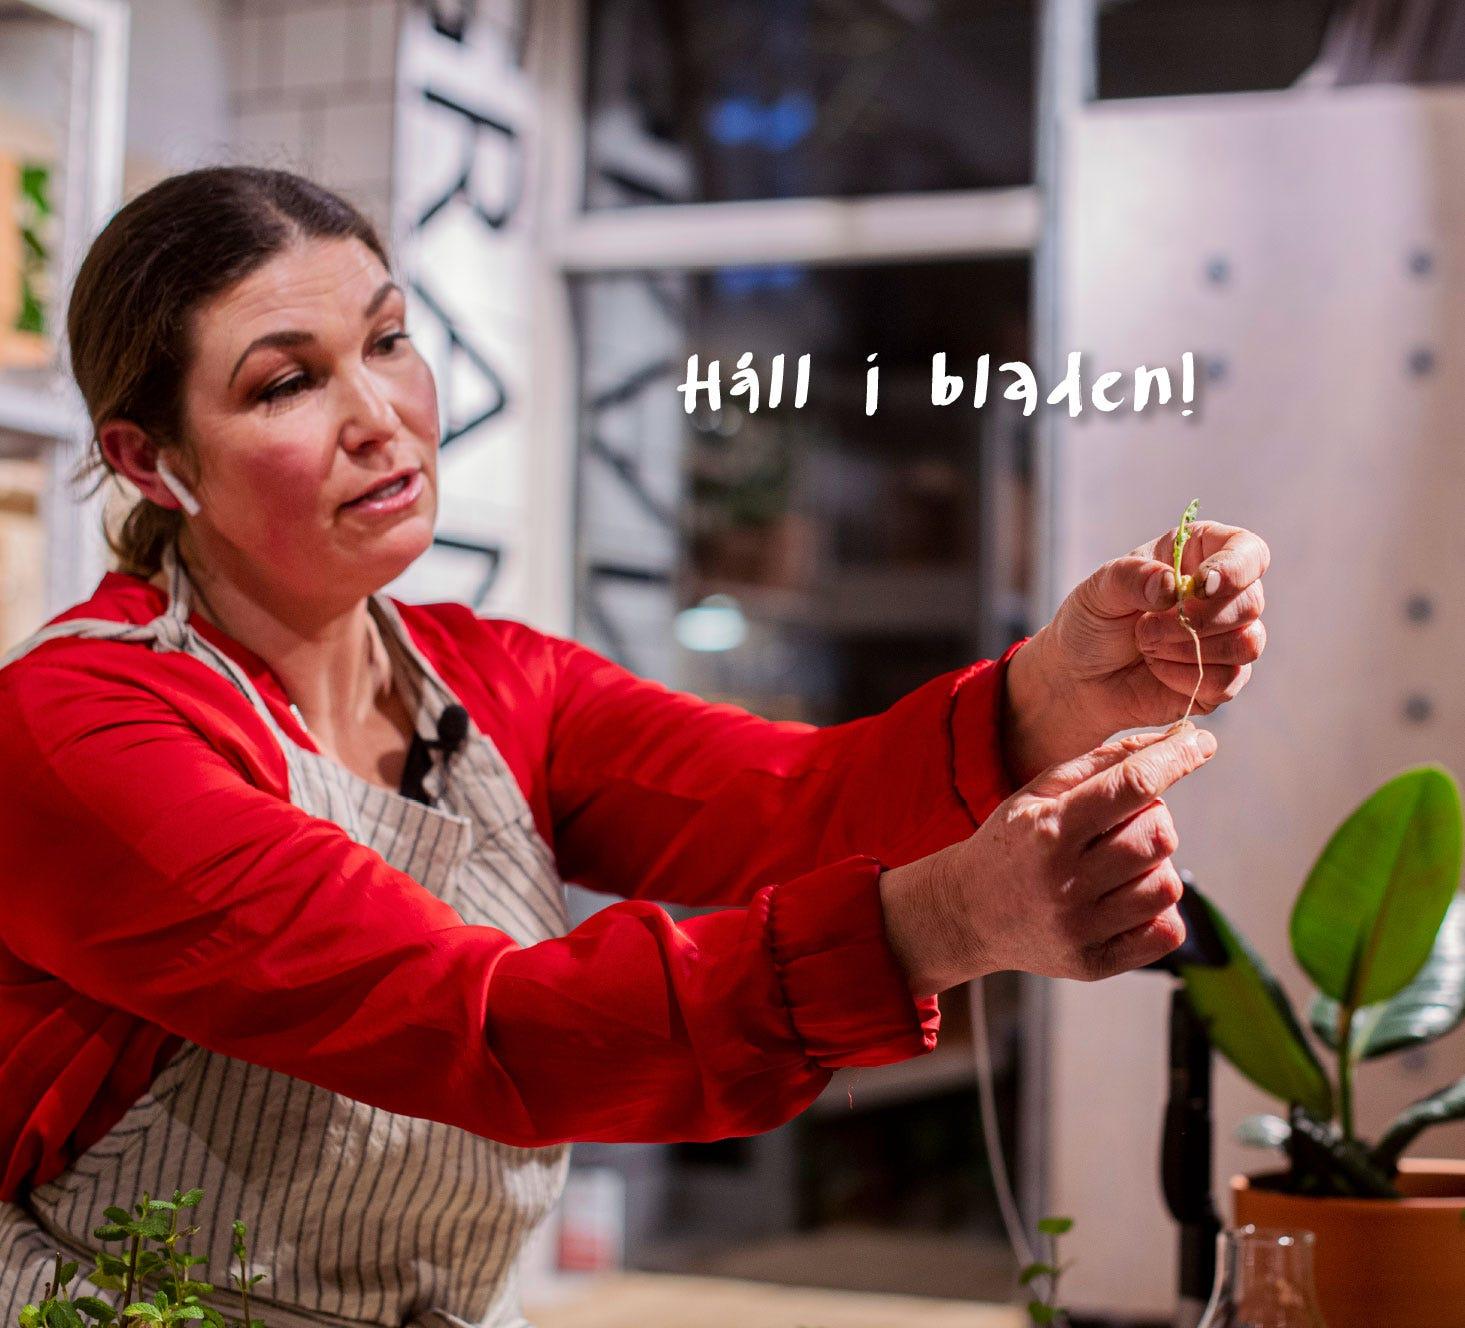 Håll i plantans blad för att inte täppa till tillförseln till plantans rot.